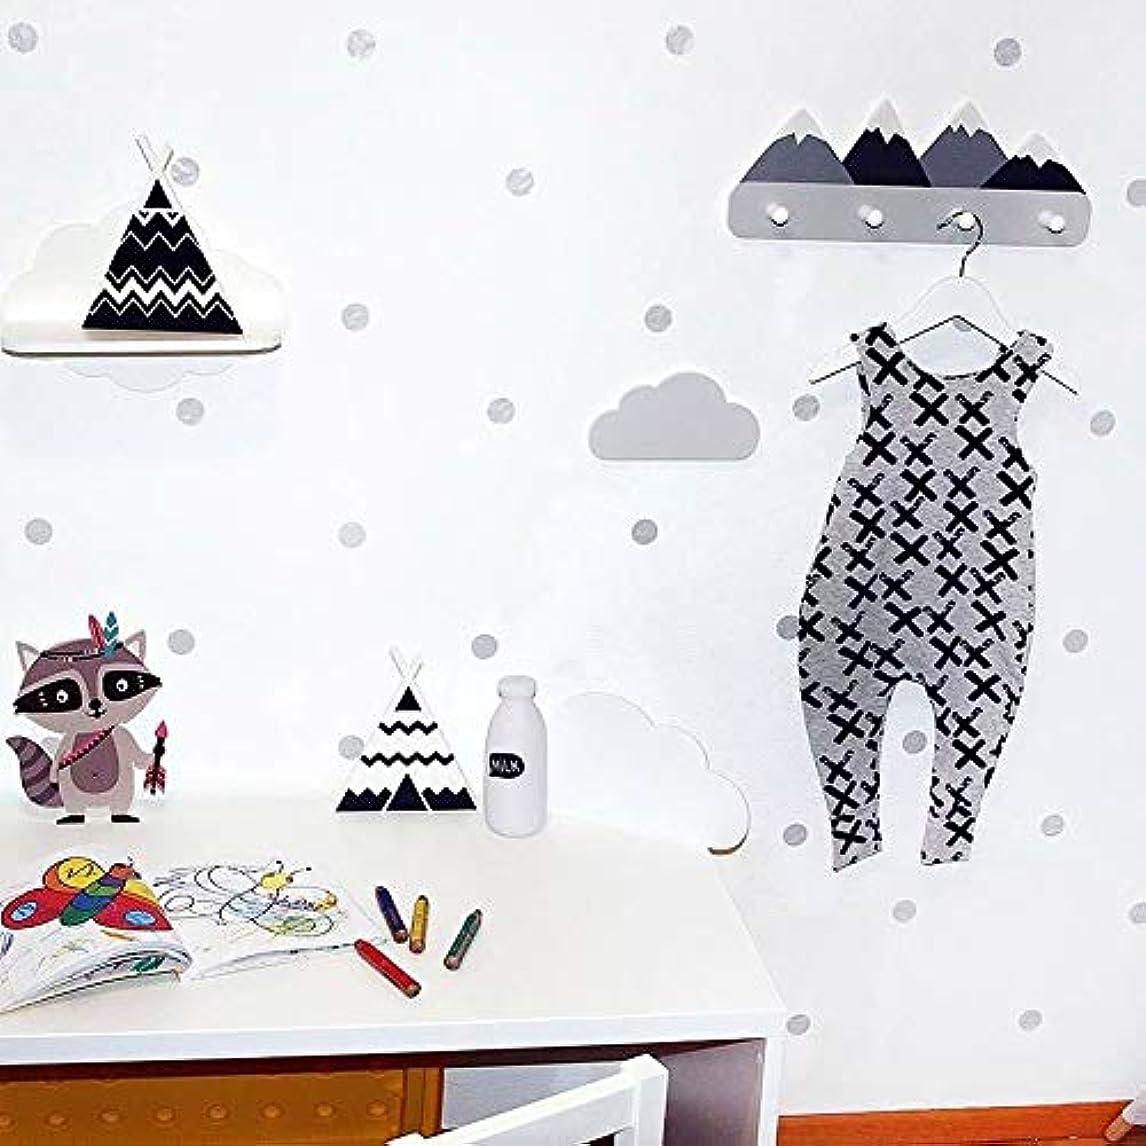 今後石油ご意見北欧スタイル木製マウンテン子供コートラック幾何学的マウンテンアート棚用服4フックの1ピースキッズルームの装飾アイデアギフト (スノーマウンテン)